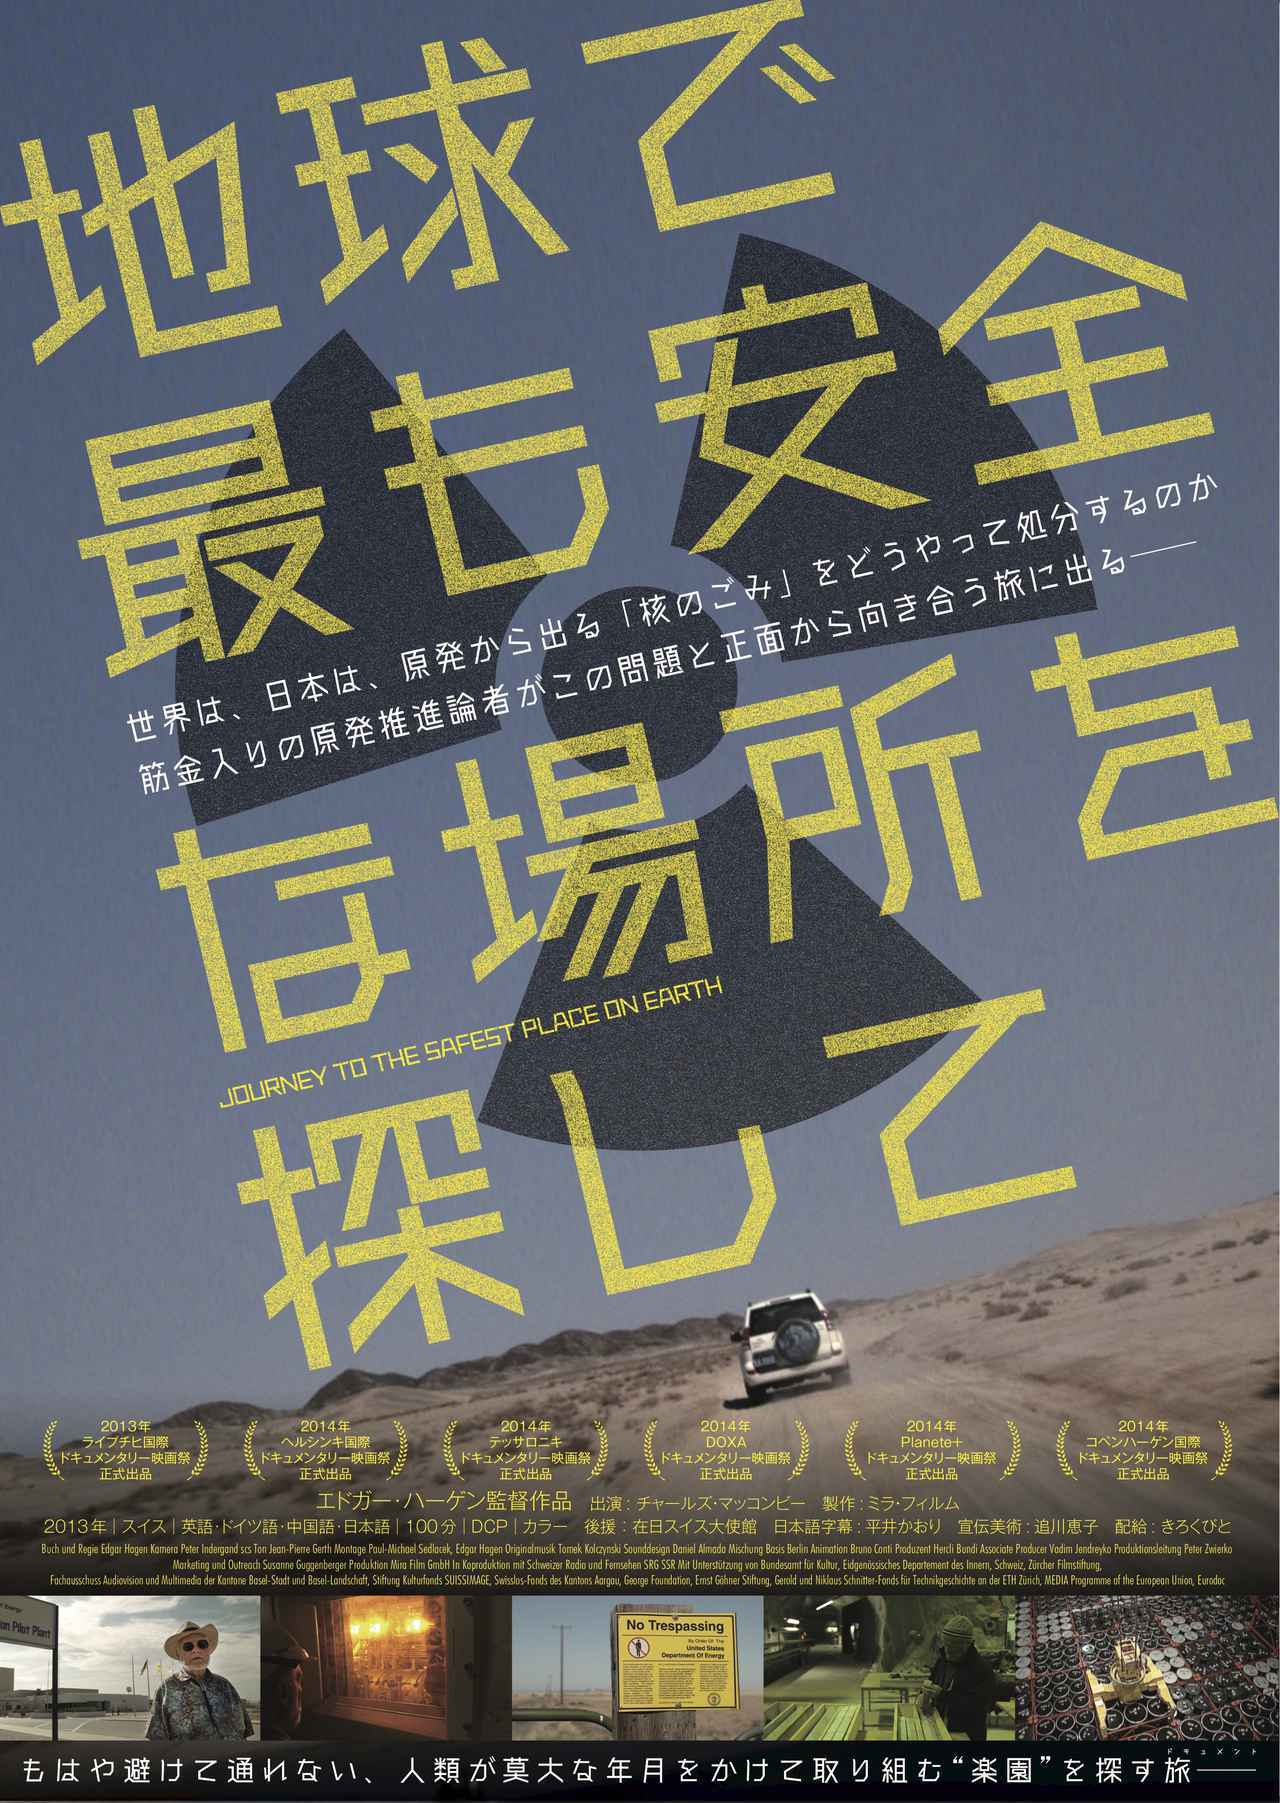 """画像: """"核のごみ""""をどこに捨てる?日本でもあらためて問題化する中、""""世界一安全な場所""""を探す旅に出る̶『地球で最も安全な場所を探して』上映館続々決定!追加コメントも到着!"""